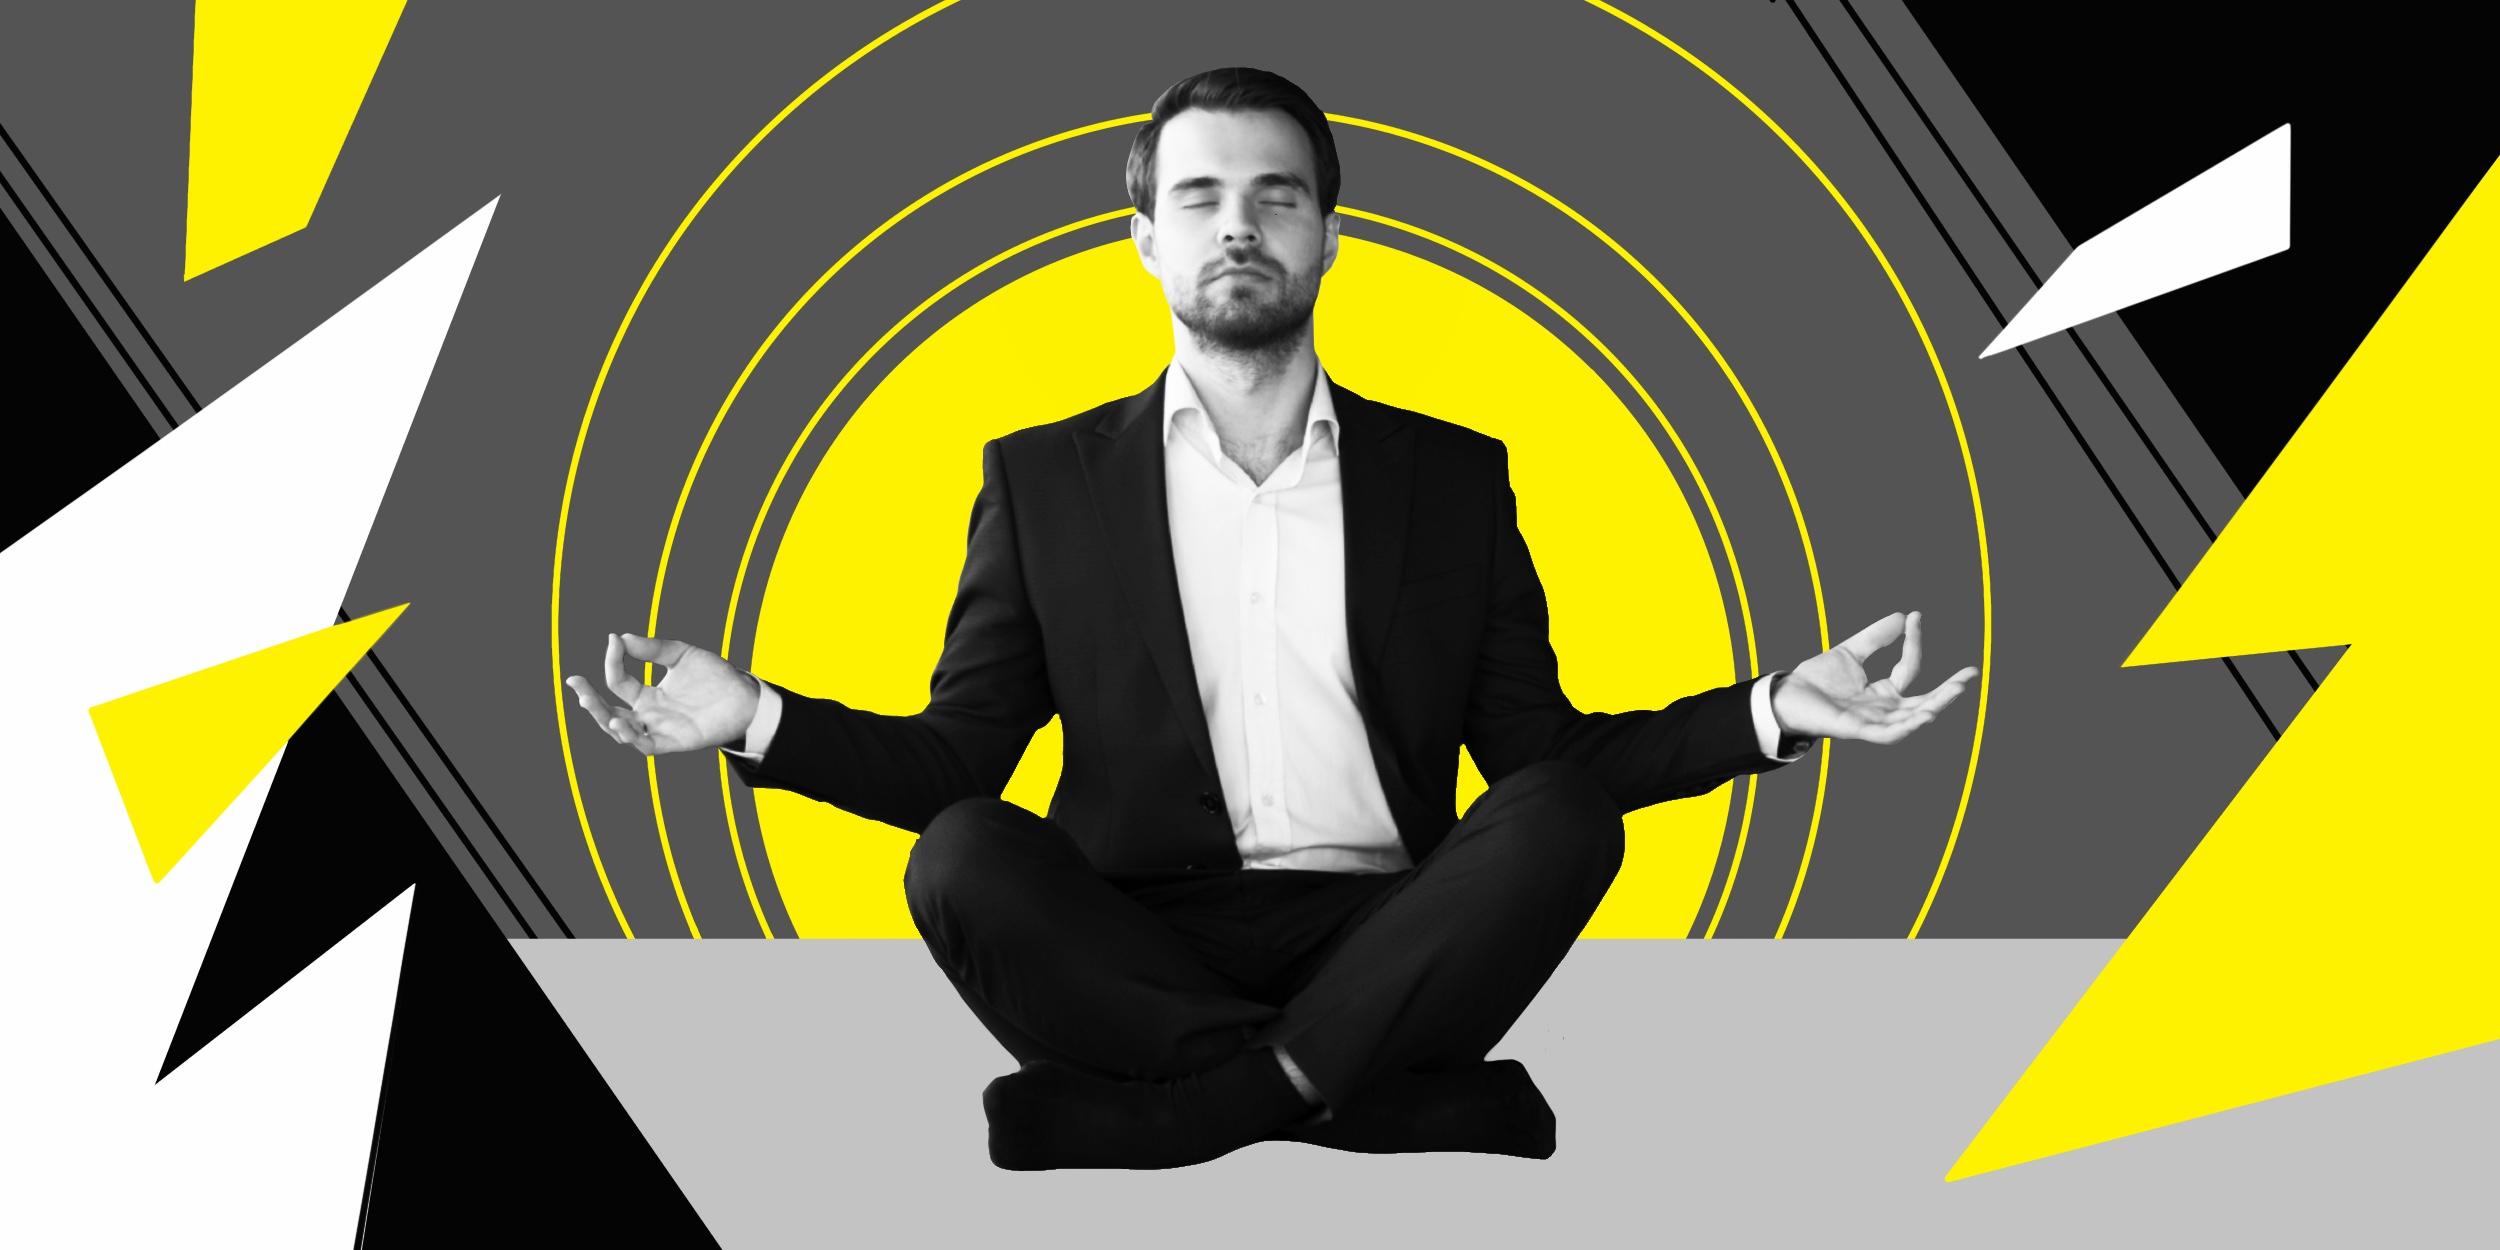 Бизнес-интуиция: научитесь задавать правильные вопросы